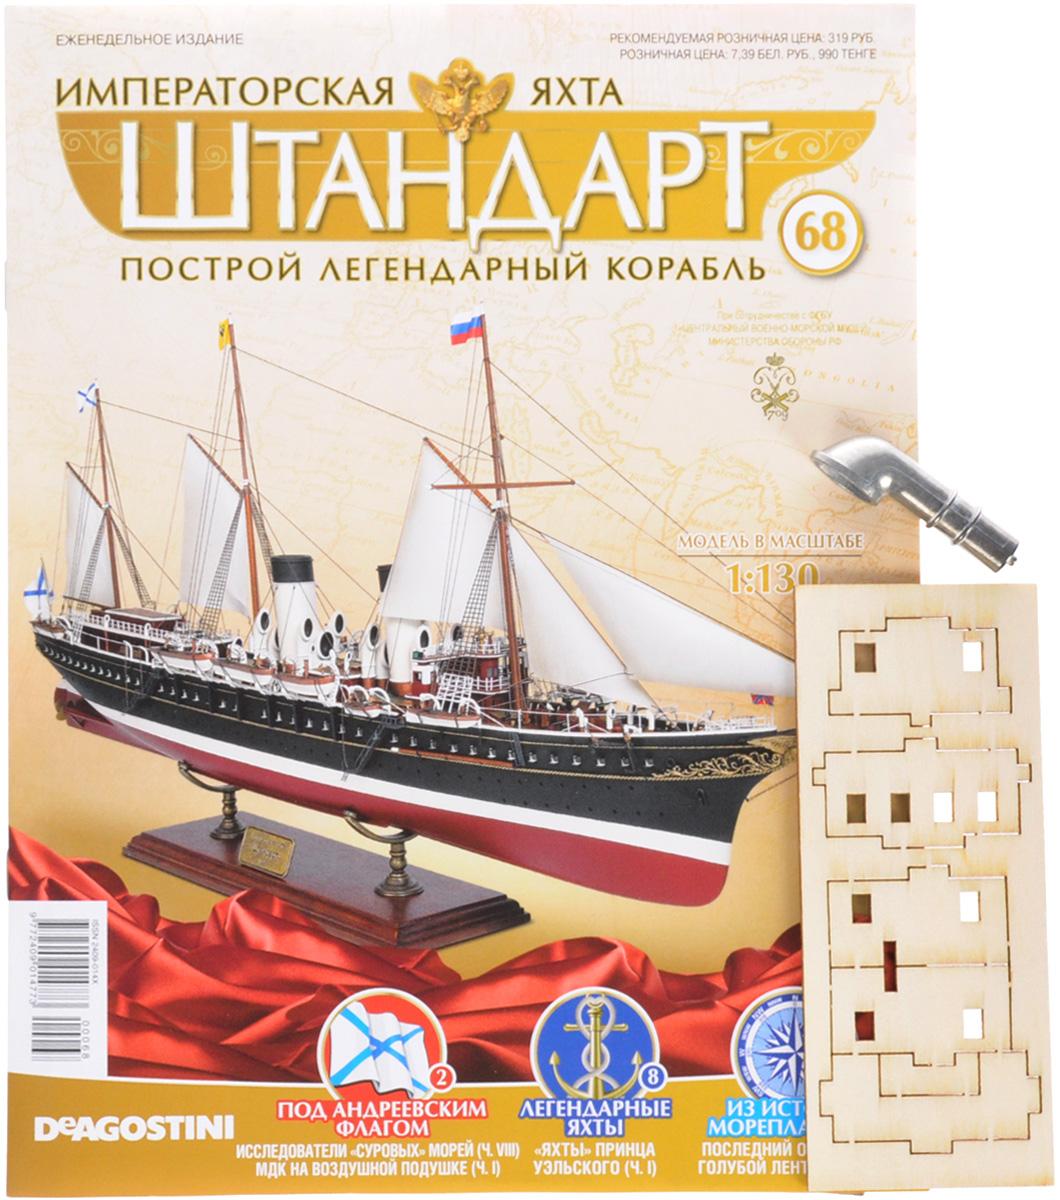 Журнал Императорская яхтаШТАНДАРТ №68